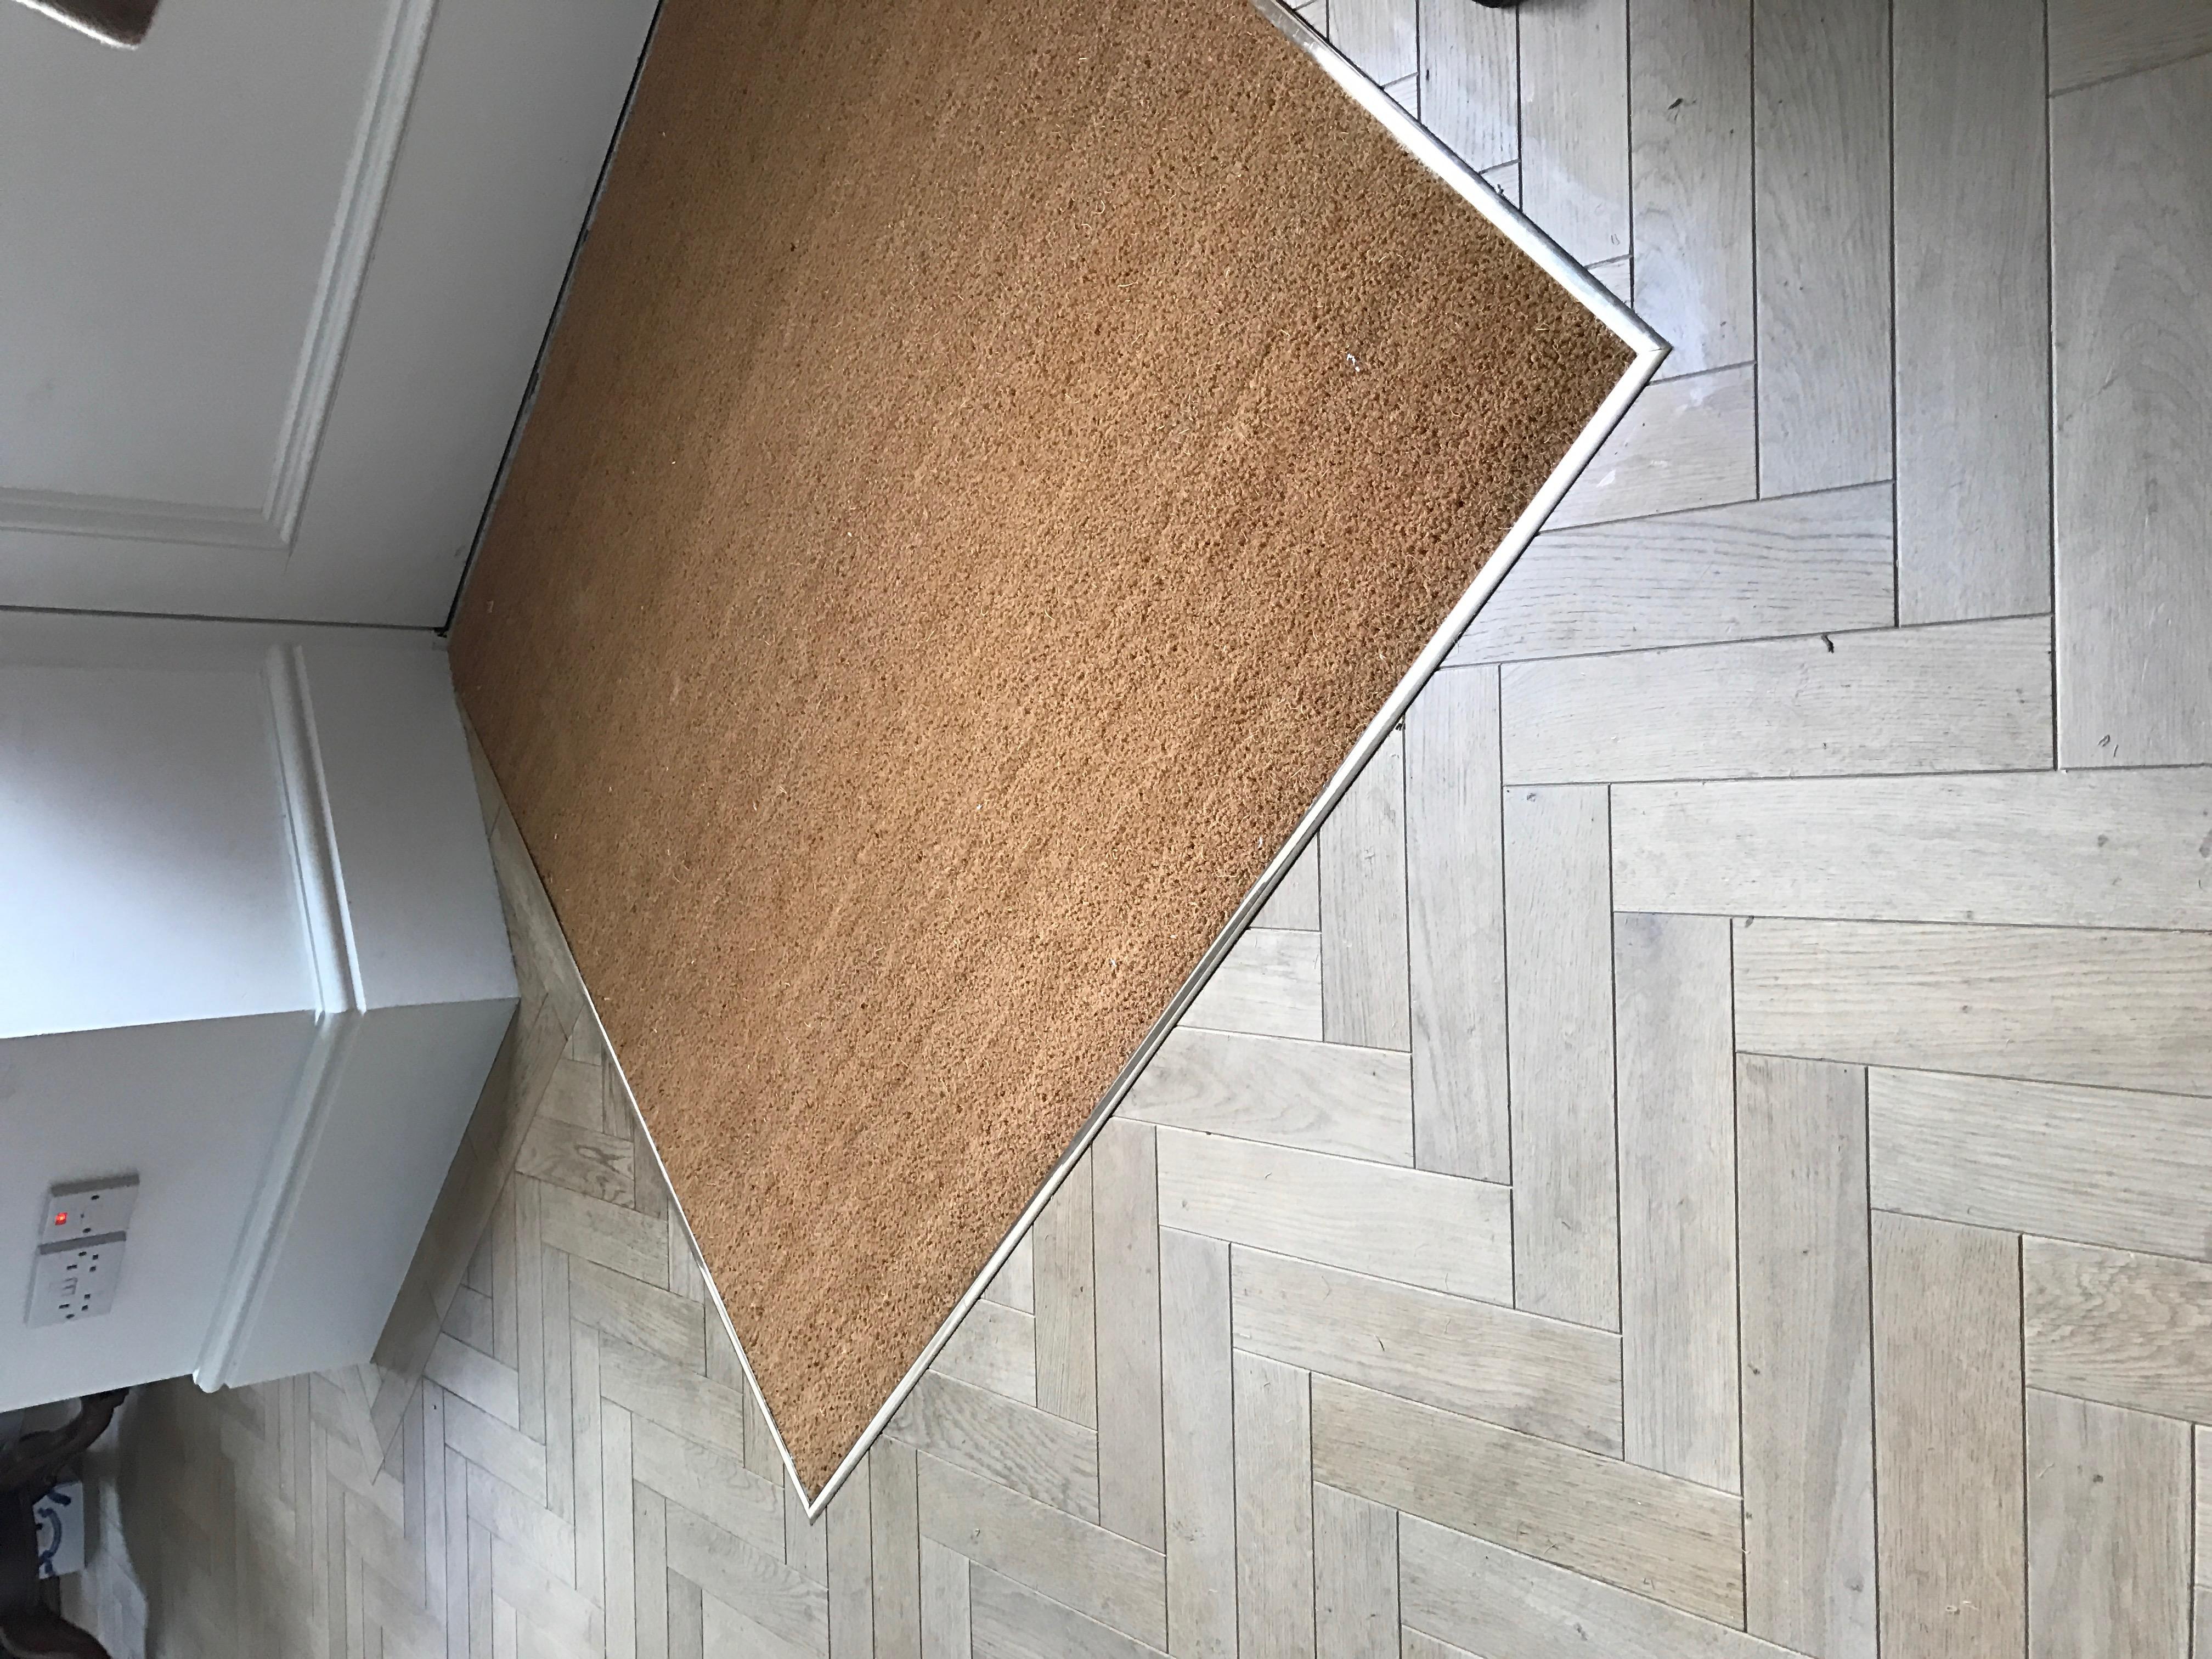 Coir matting_Solid brass trim